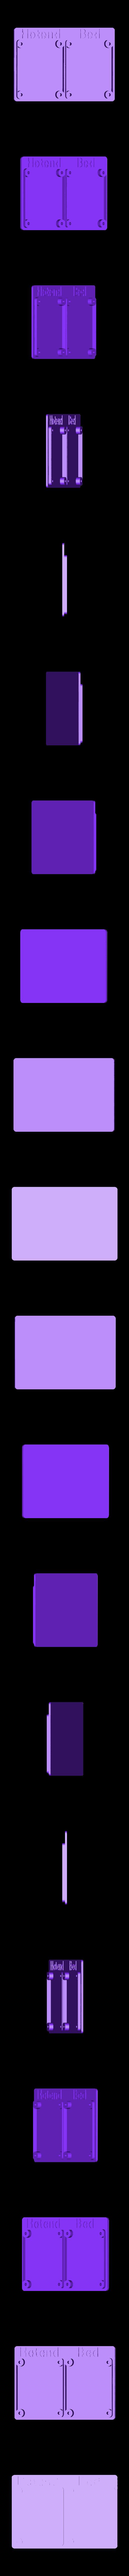 Dual_MOSFET_Base.stl Télécharger fichier STL gratuit Base MOSFET double • Design pour impression 3D, dede67